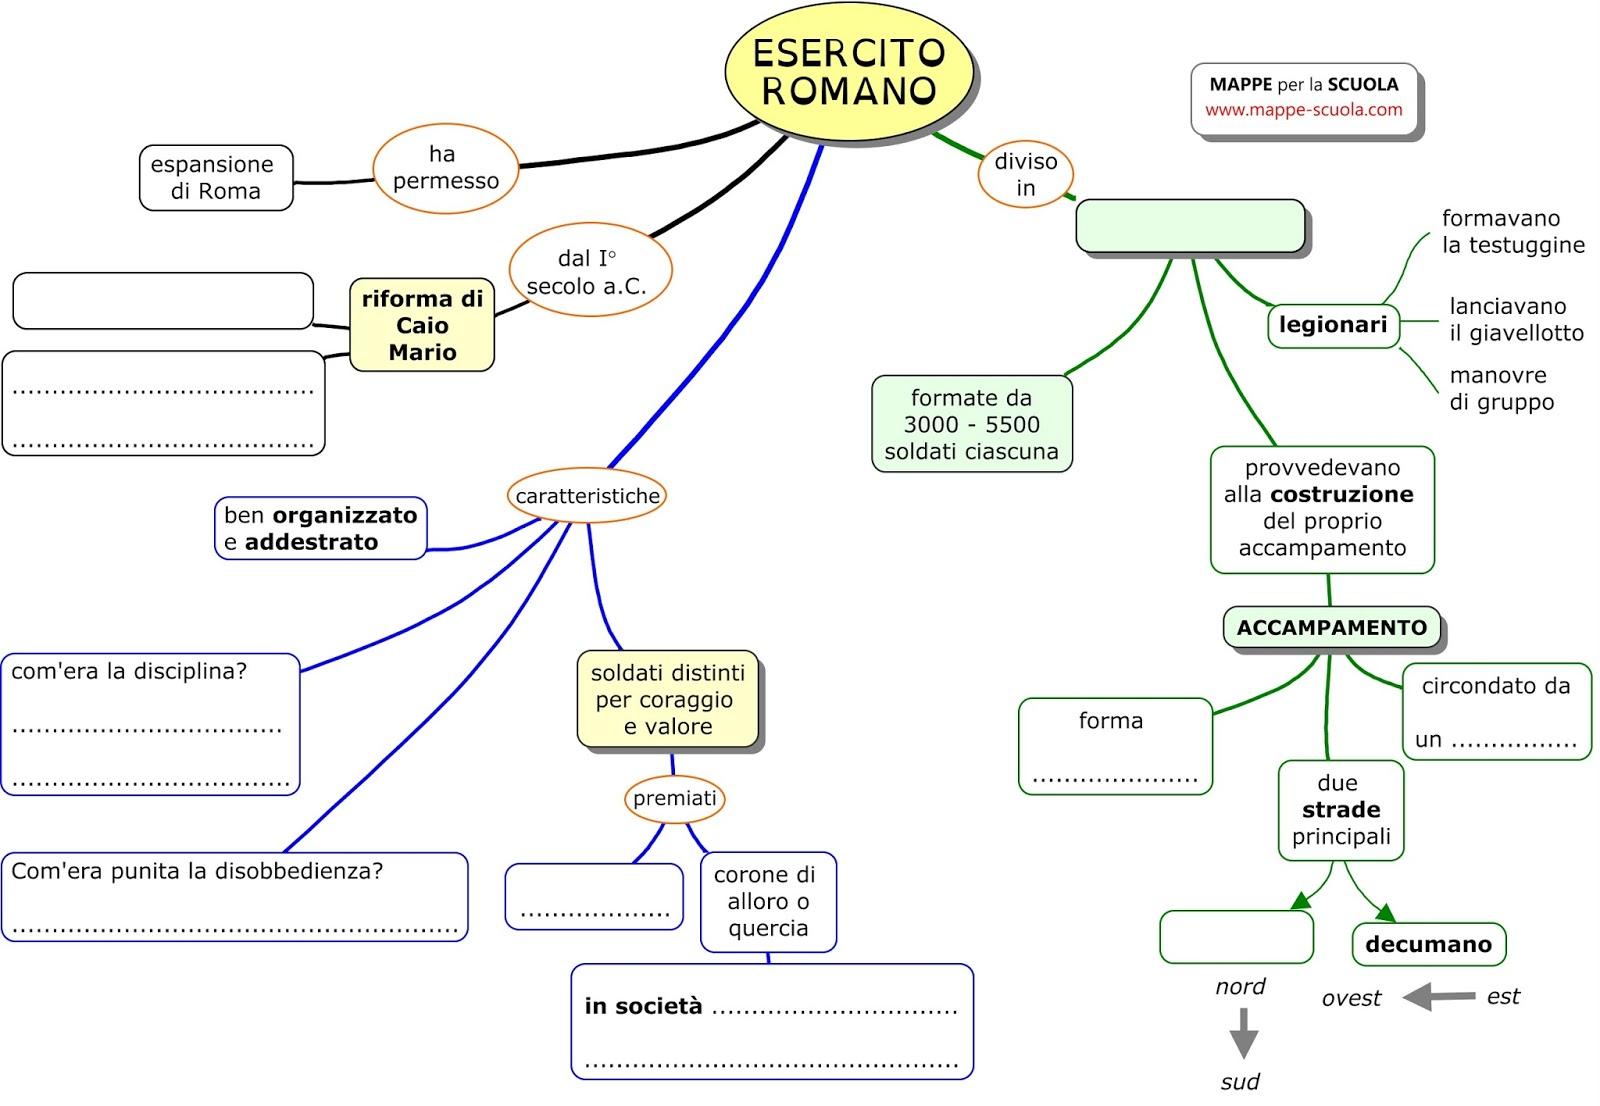 spesso MAPPE per la SCUOLA: ESERCITO ROMANO CG25